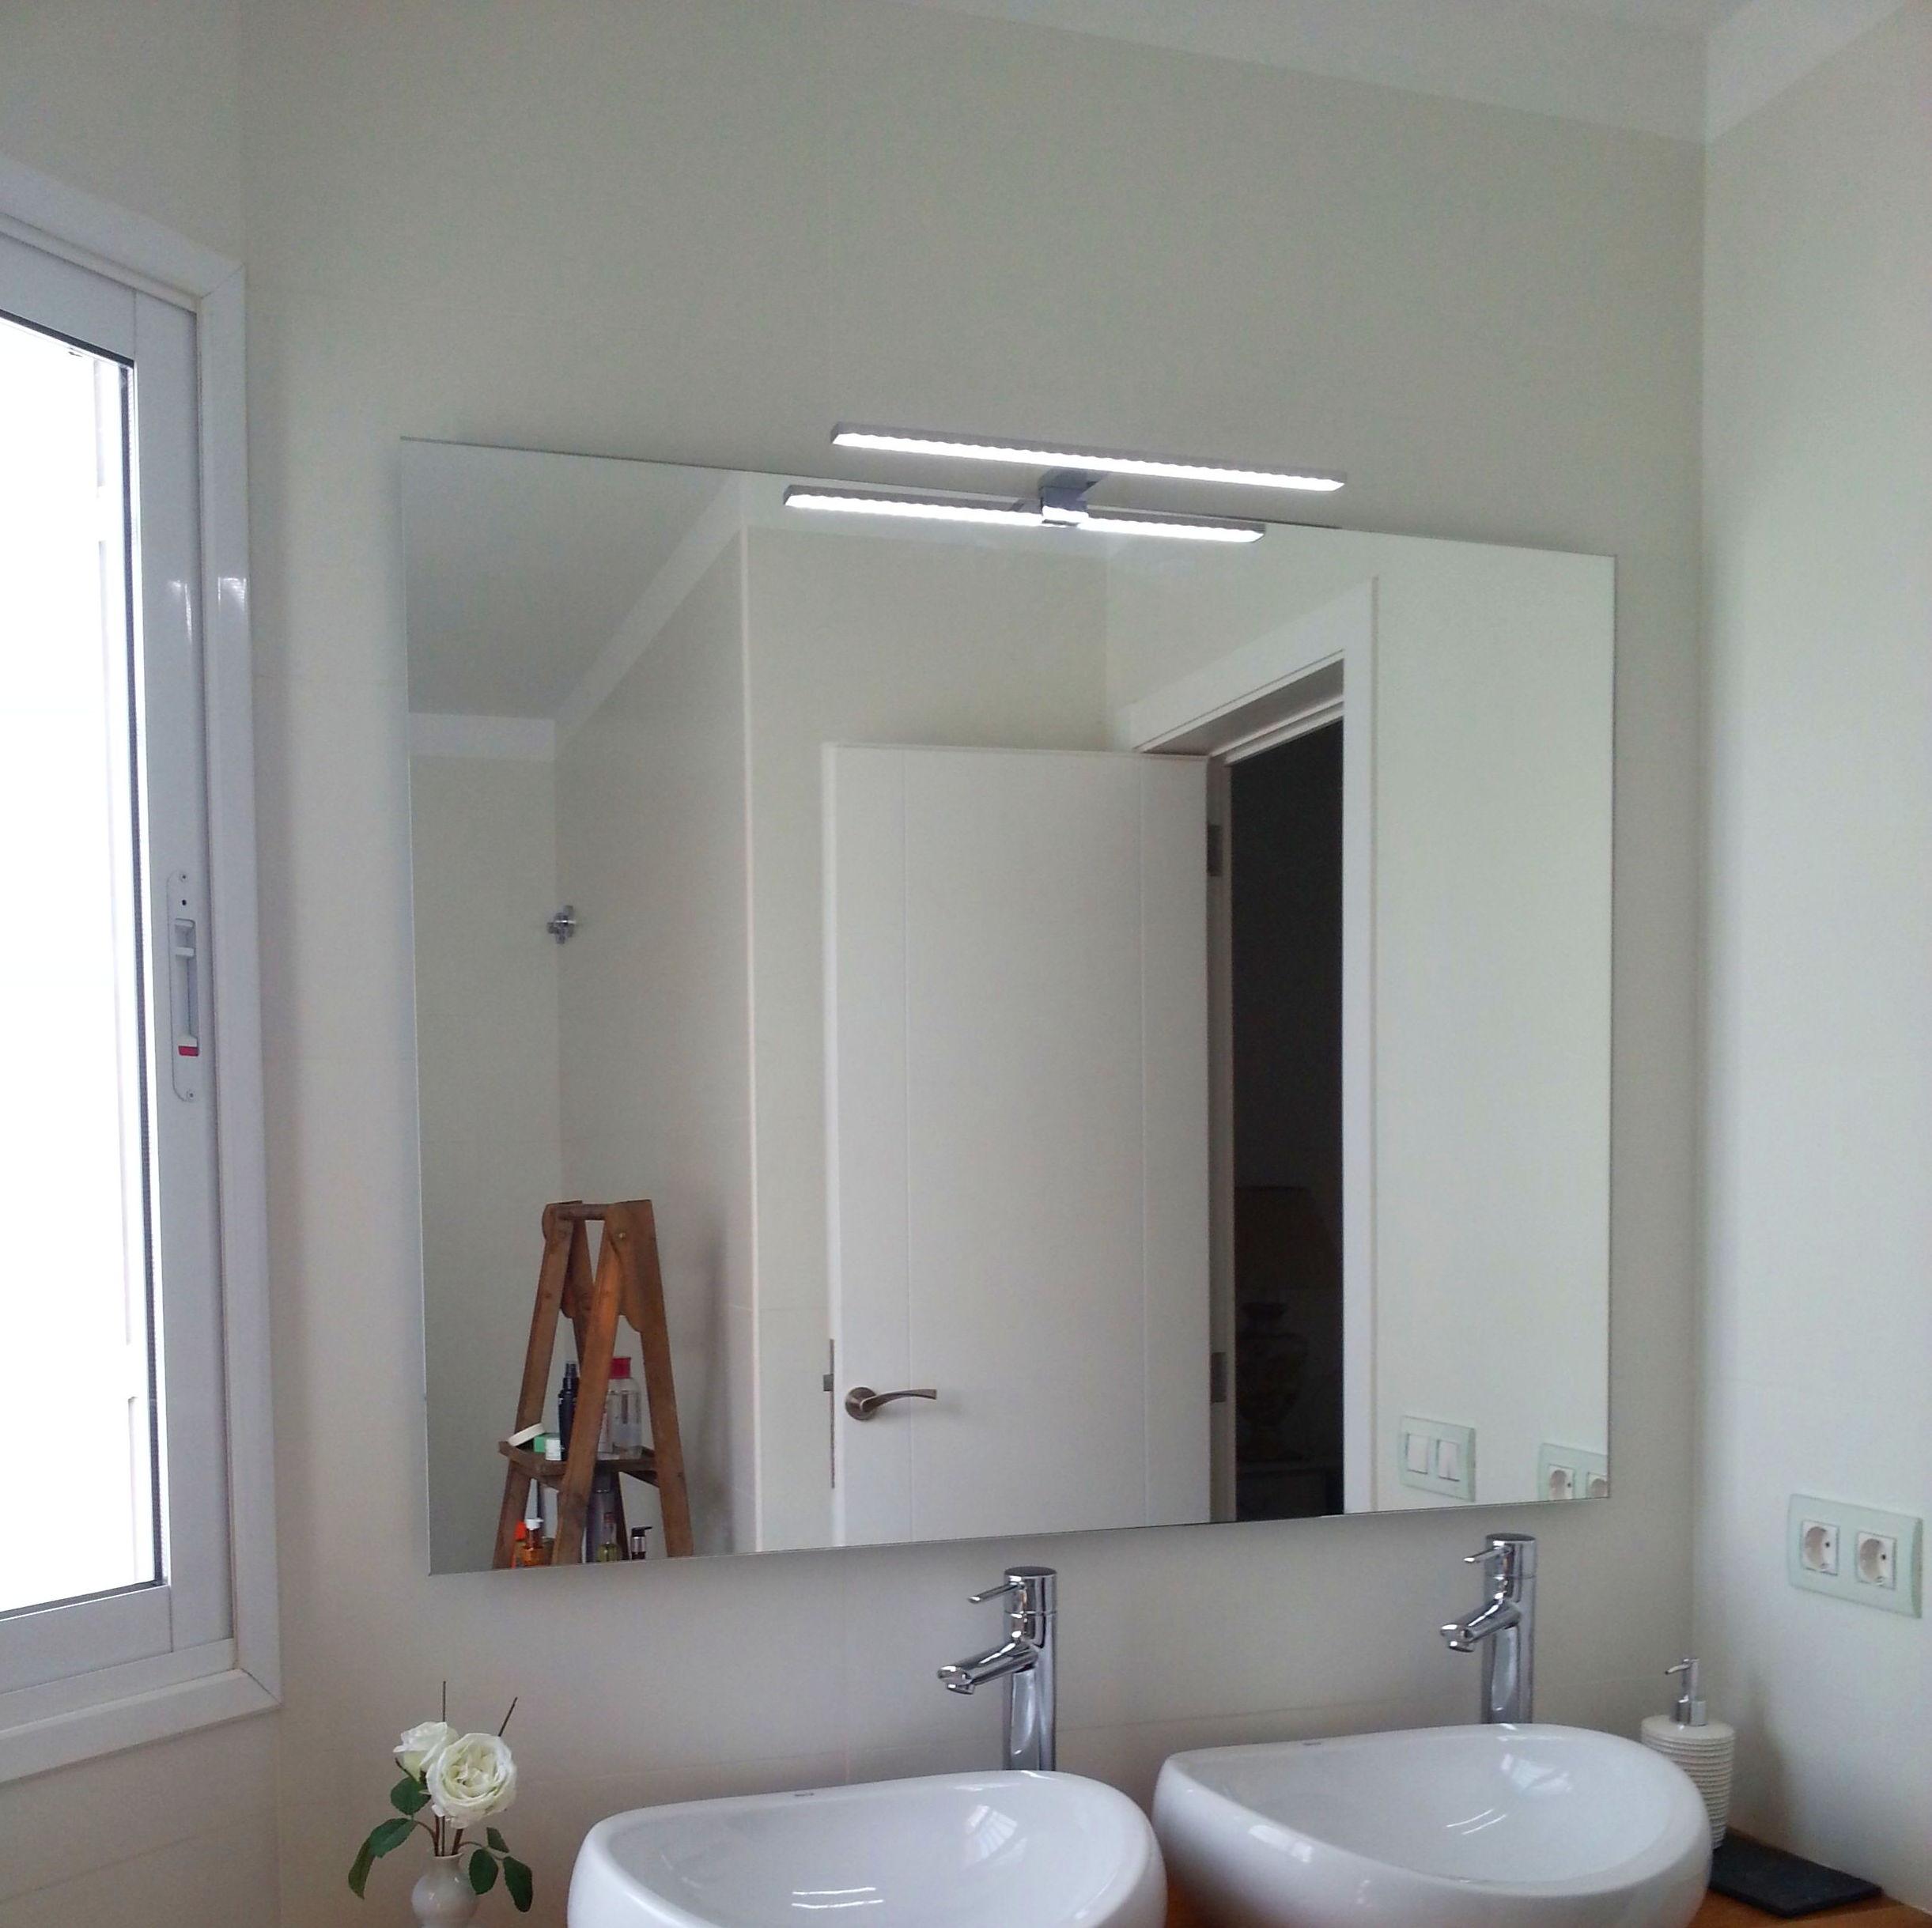 Iluminacion led un toque perfecto para crear un ambiente moderno y calido.